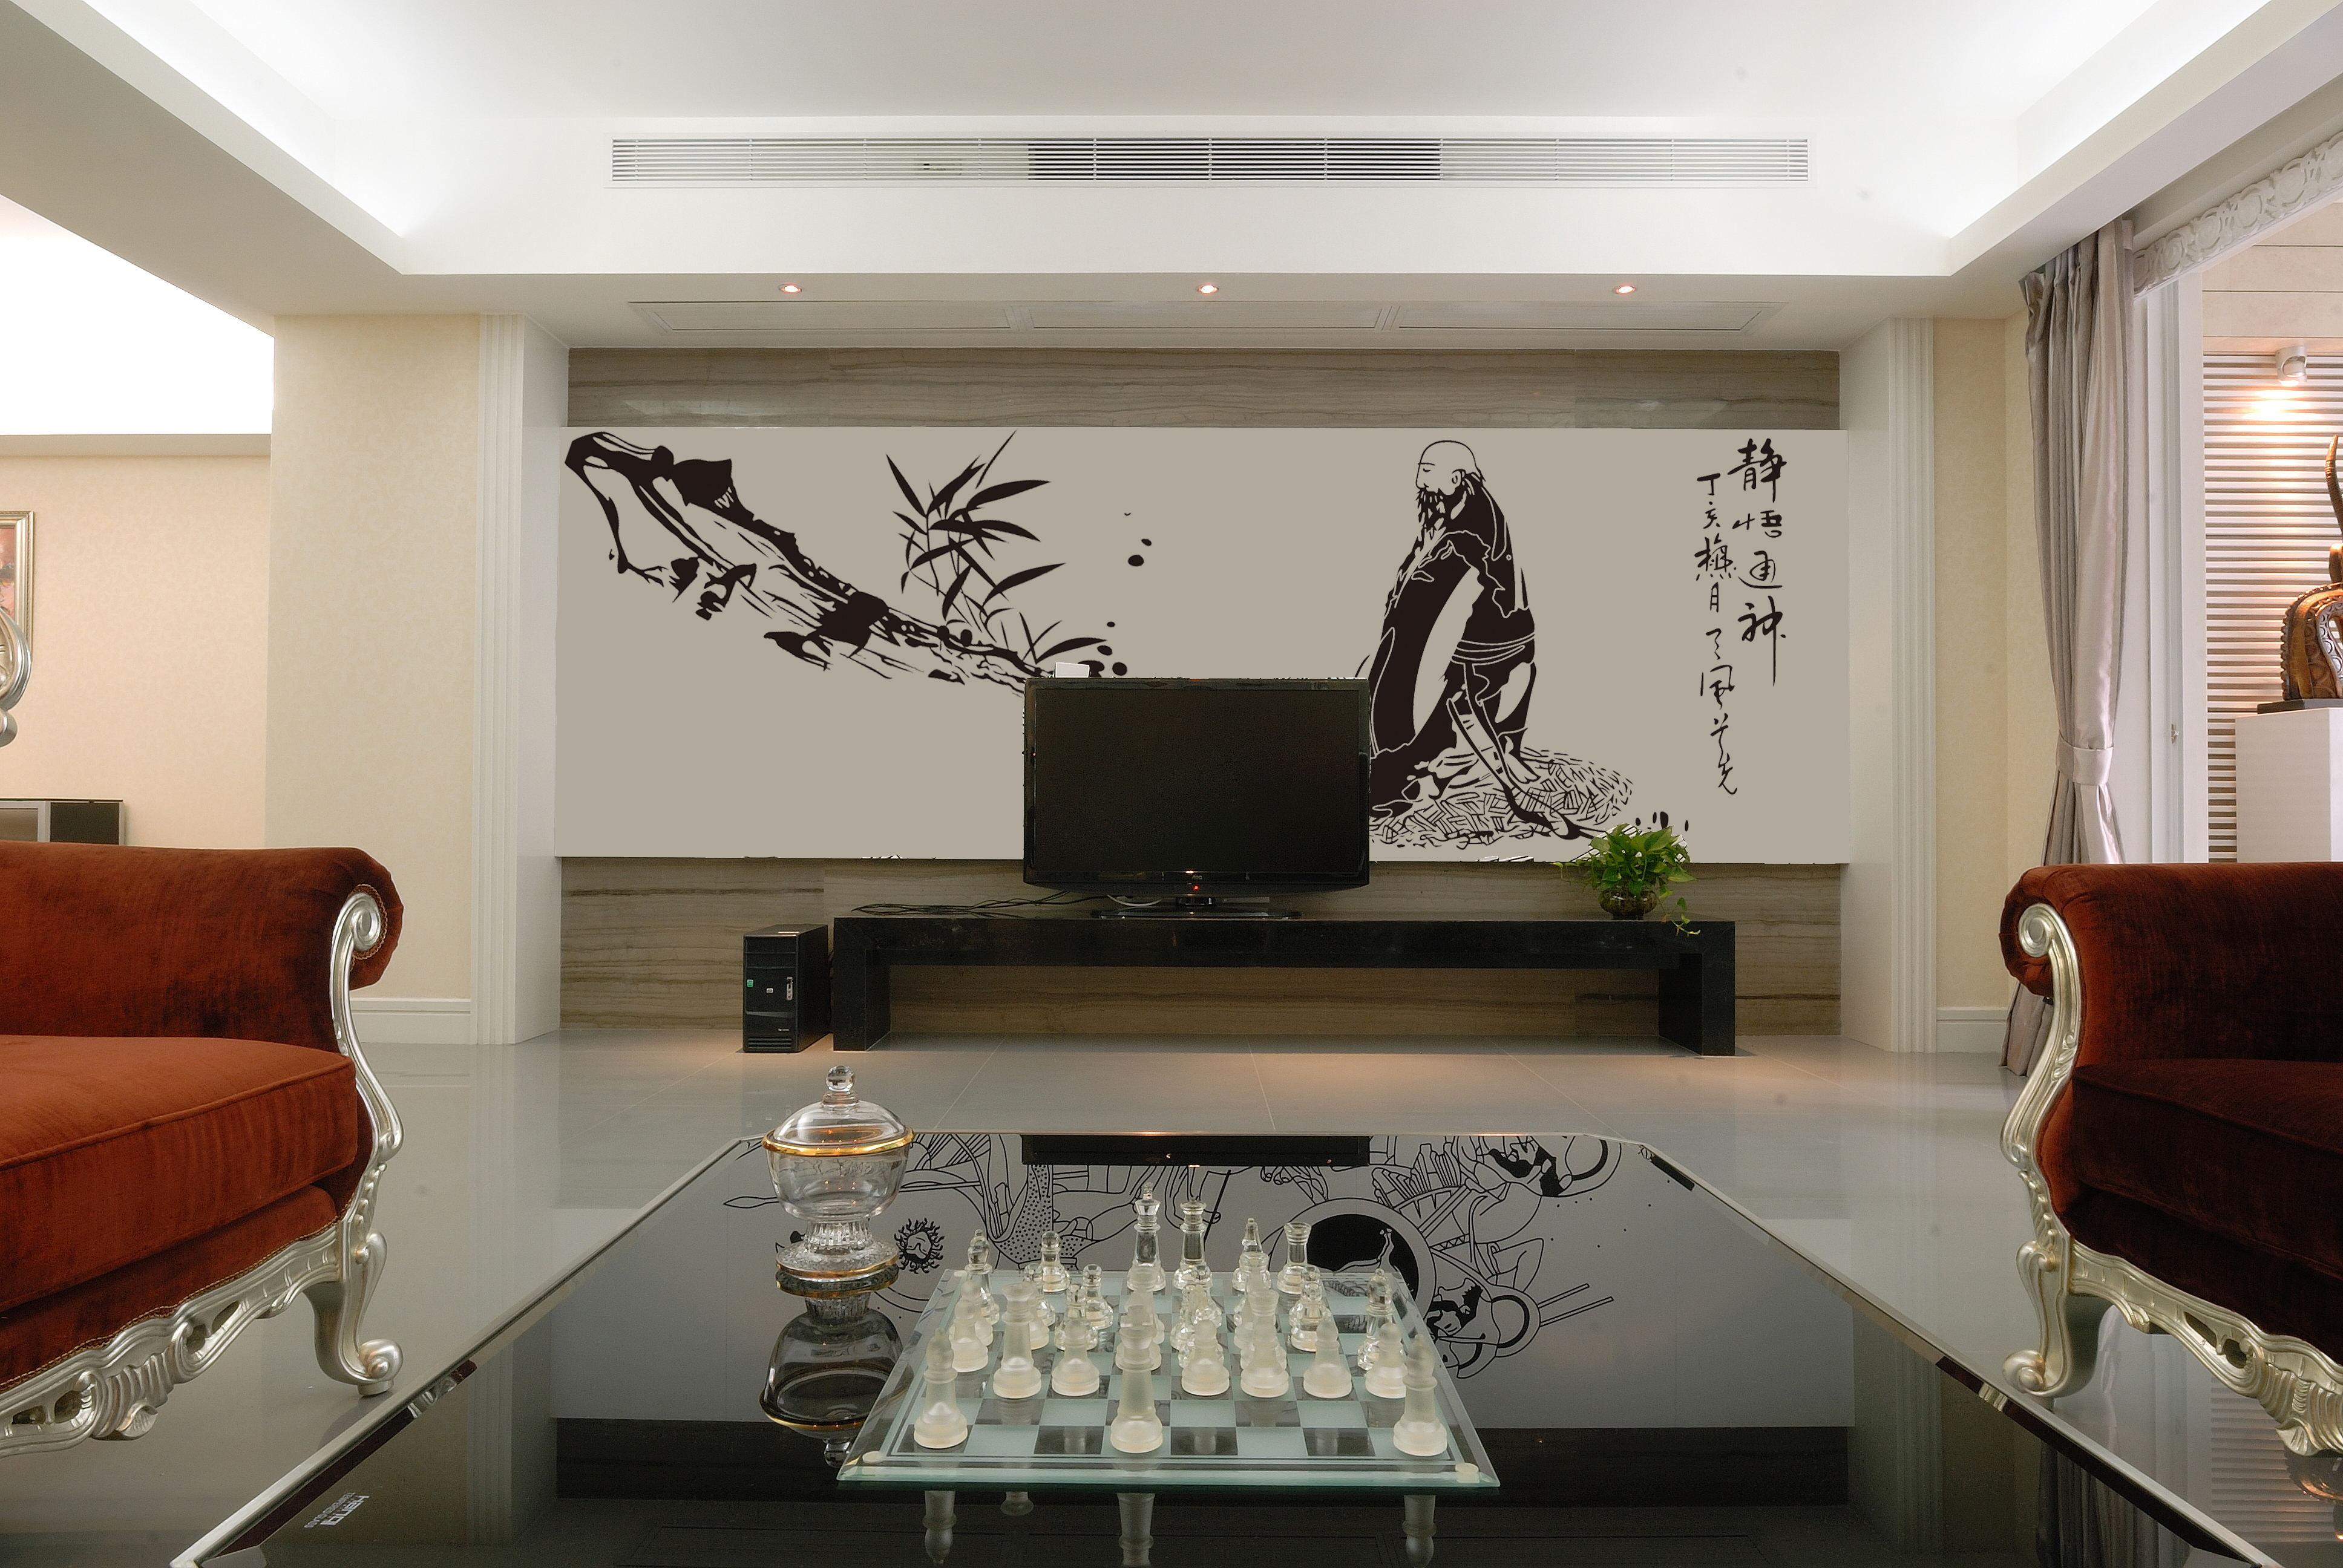 中式风格是比较自由的,装饰品可以是绿色植物,布艺,装饰画,以及不同